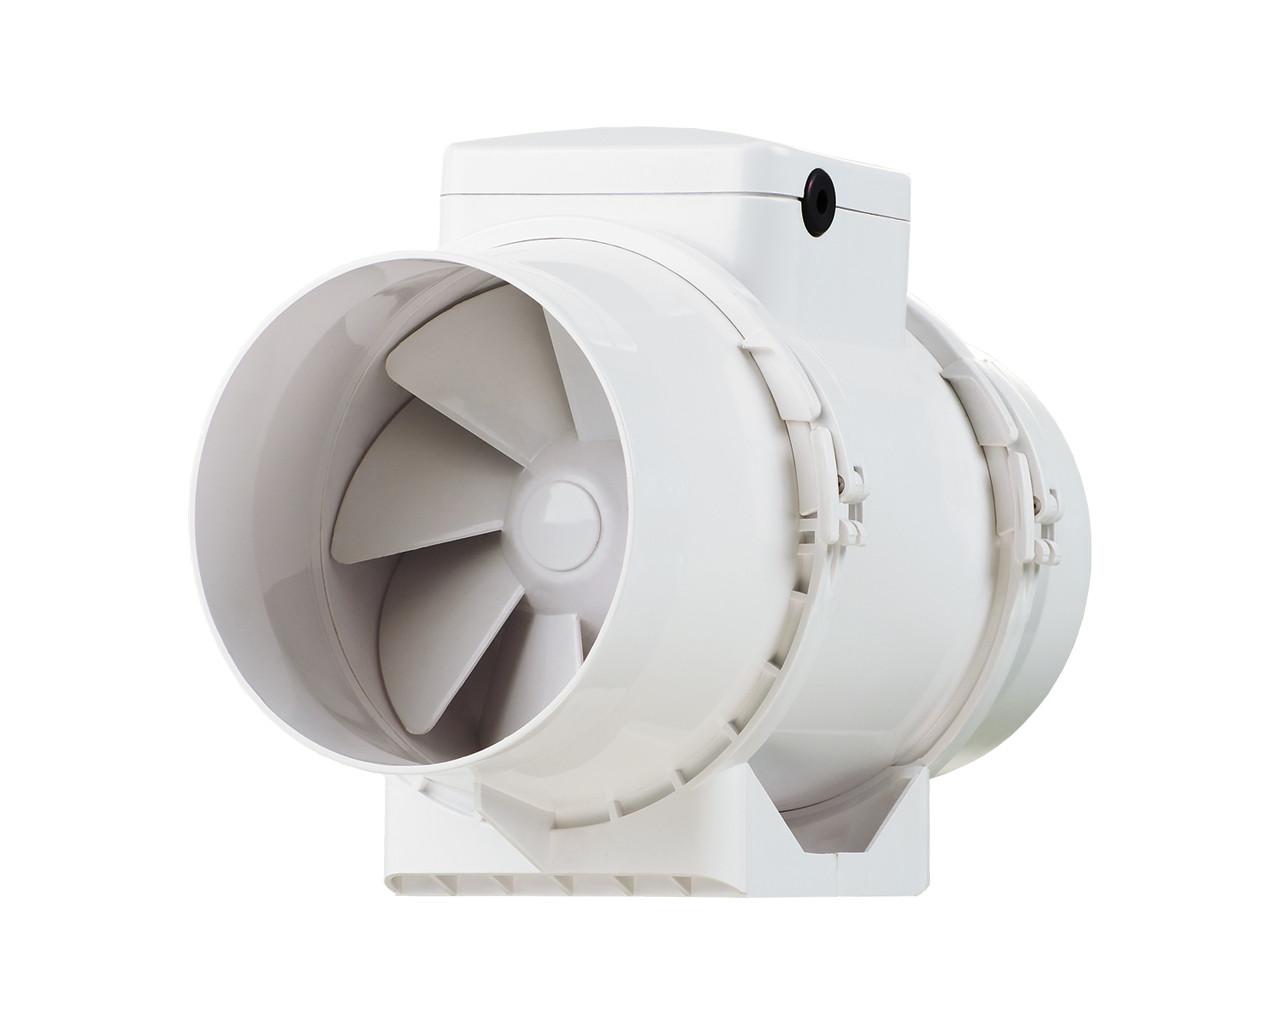 Канальный вентилятор  Вентс 125 ТТ РВ (оборудован выключателем и разьемом IEC С14, 280 м³/ч)